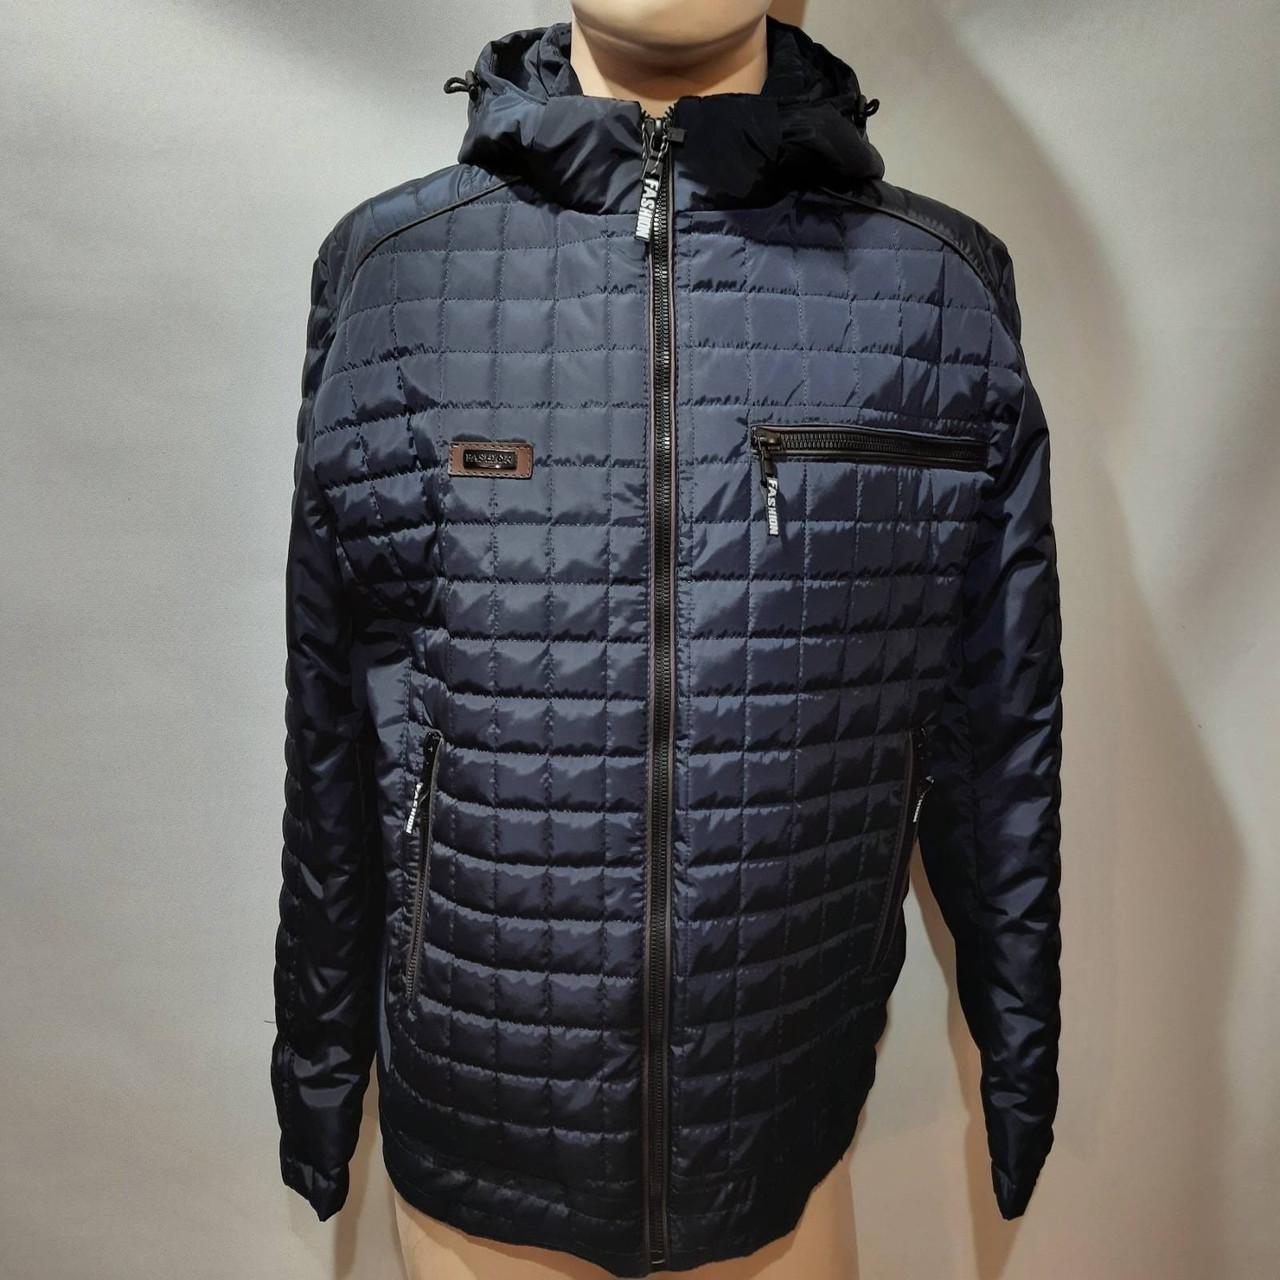 Мужская куртка весна/осень, демисезонная на тонком синтепоне куртка темно синяя